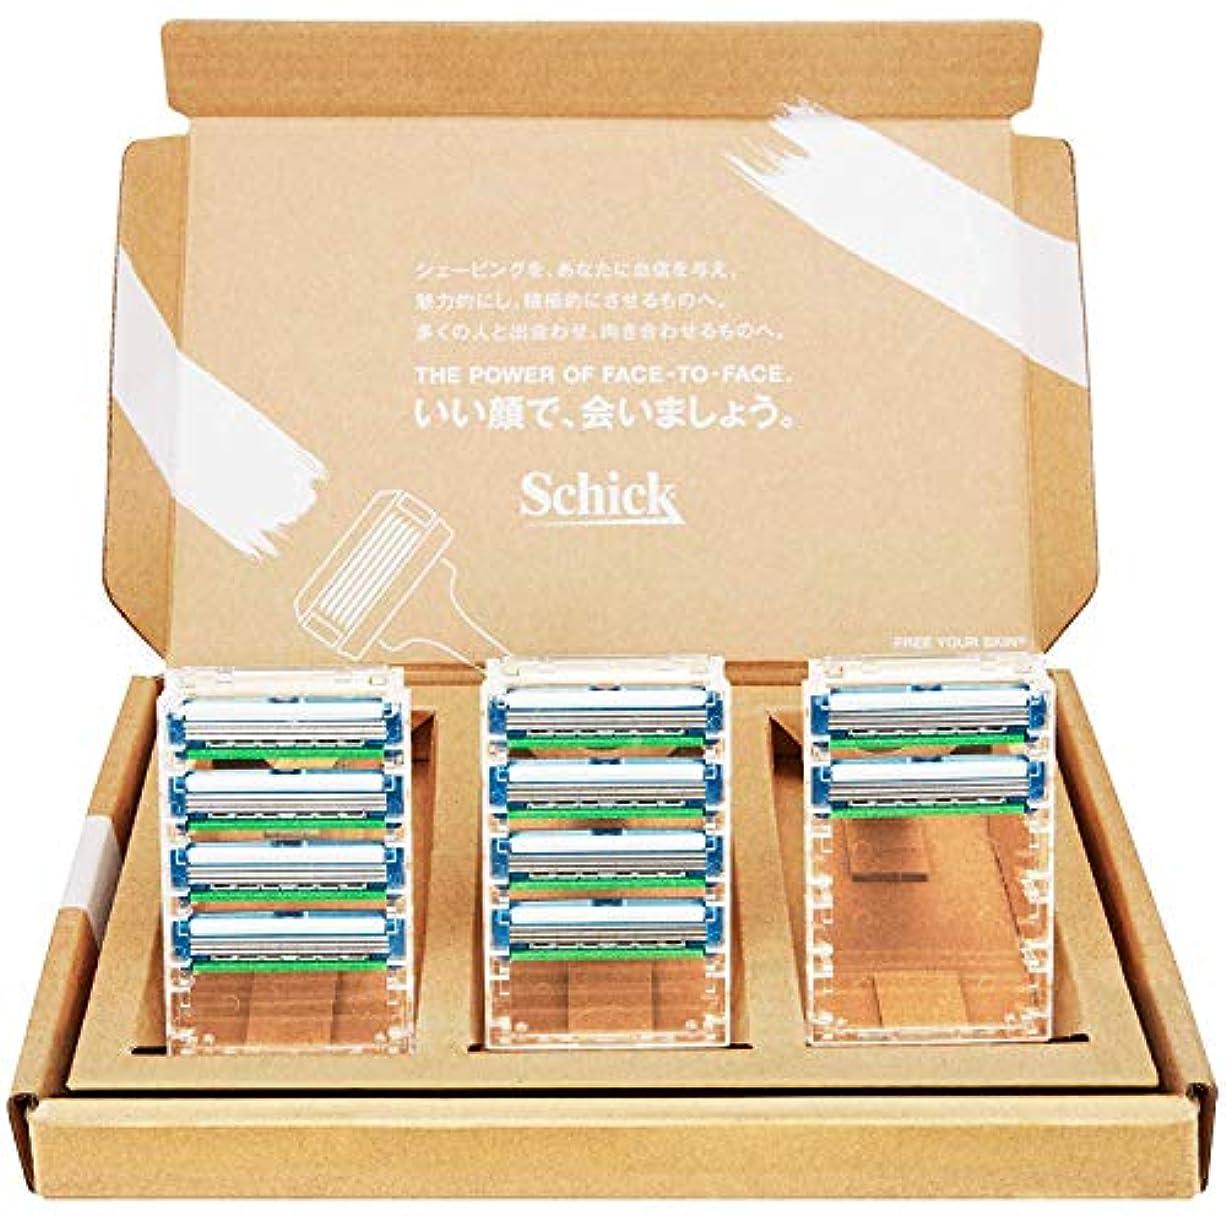 料理をする侵入グリース【Amazon.co.jp 限定】シック プロテクタースリー 替刃 10コ入